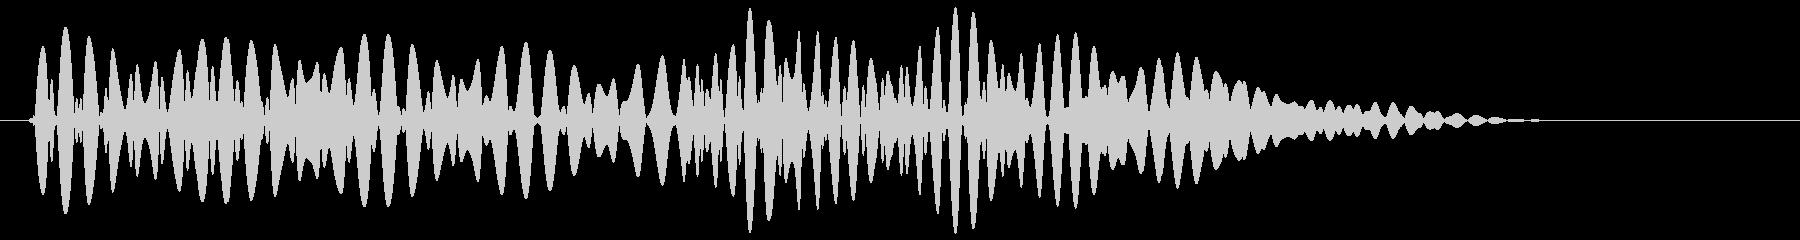 ポコッ(ボタン音・プッシュ音・決定音)の未再生の波形